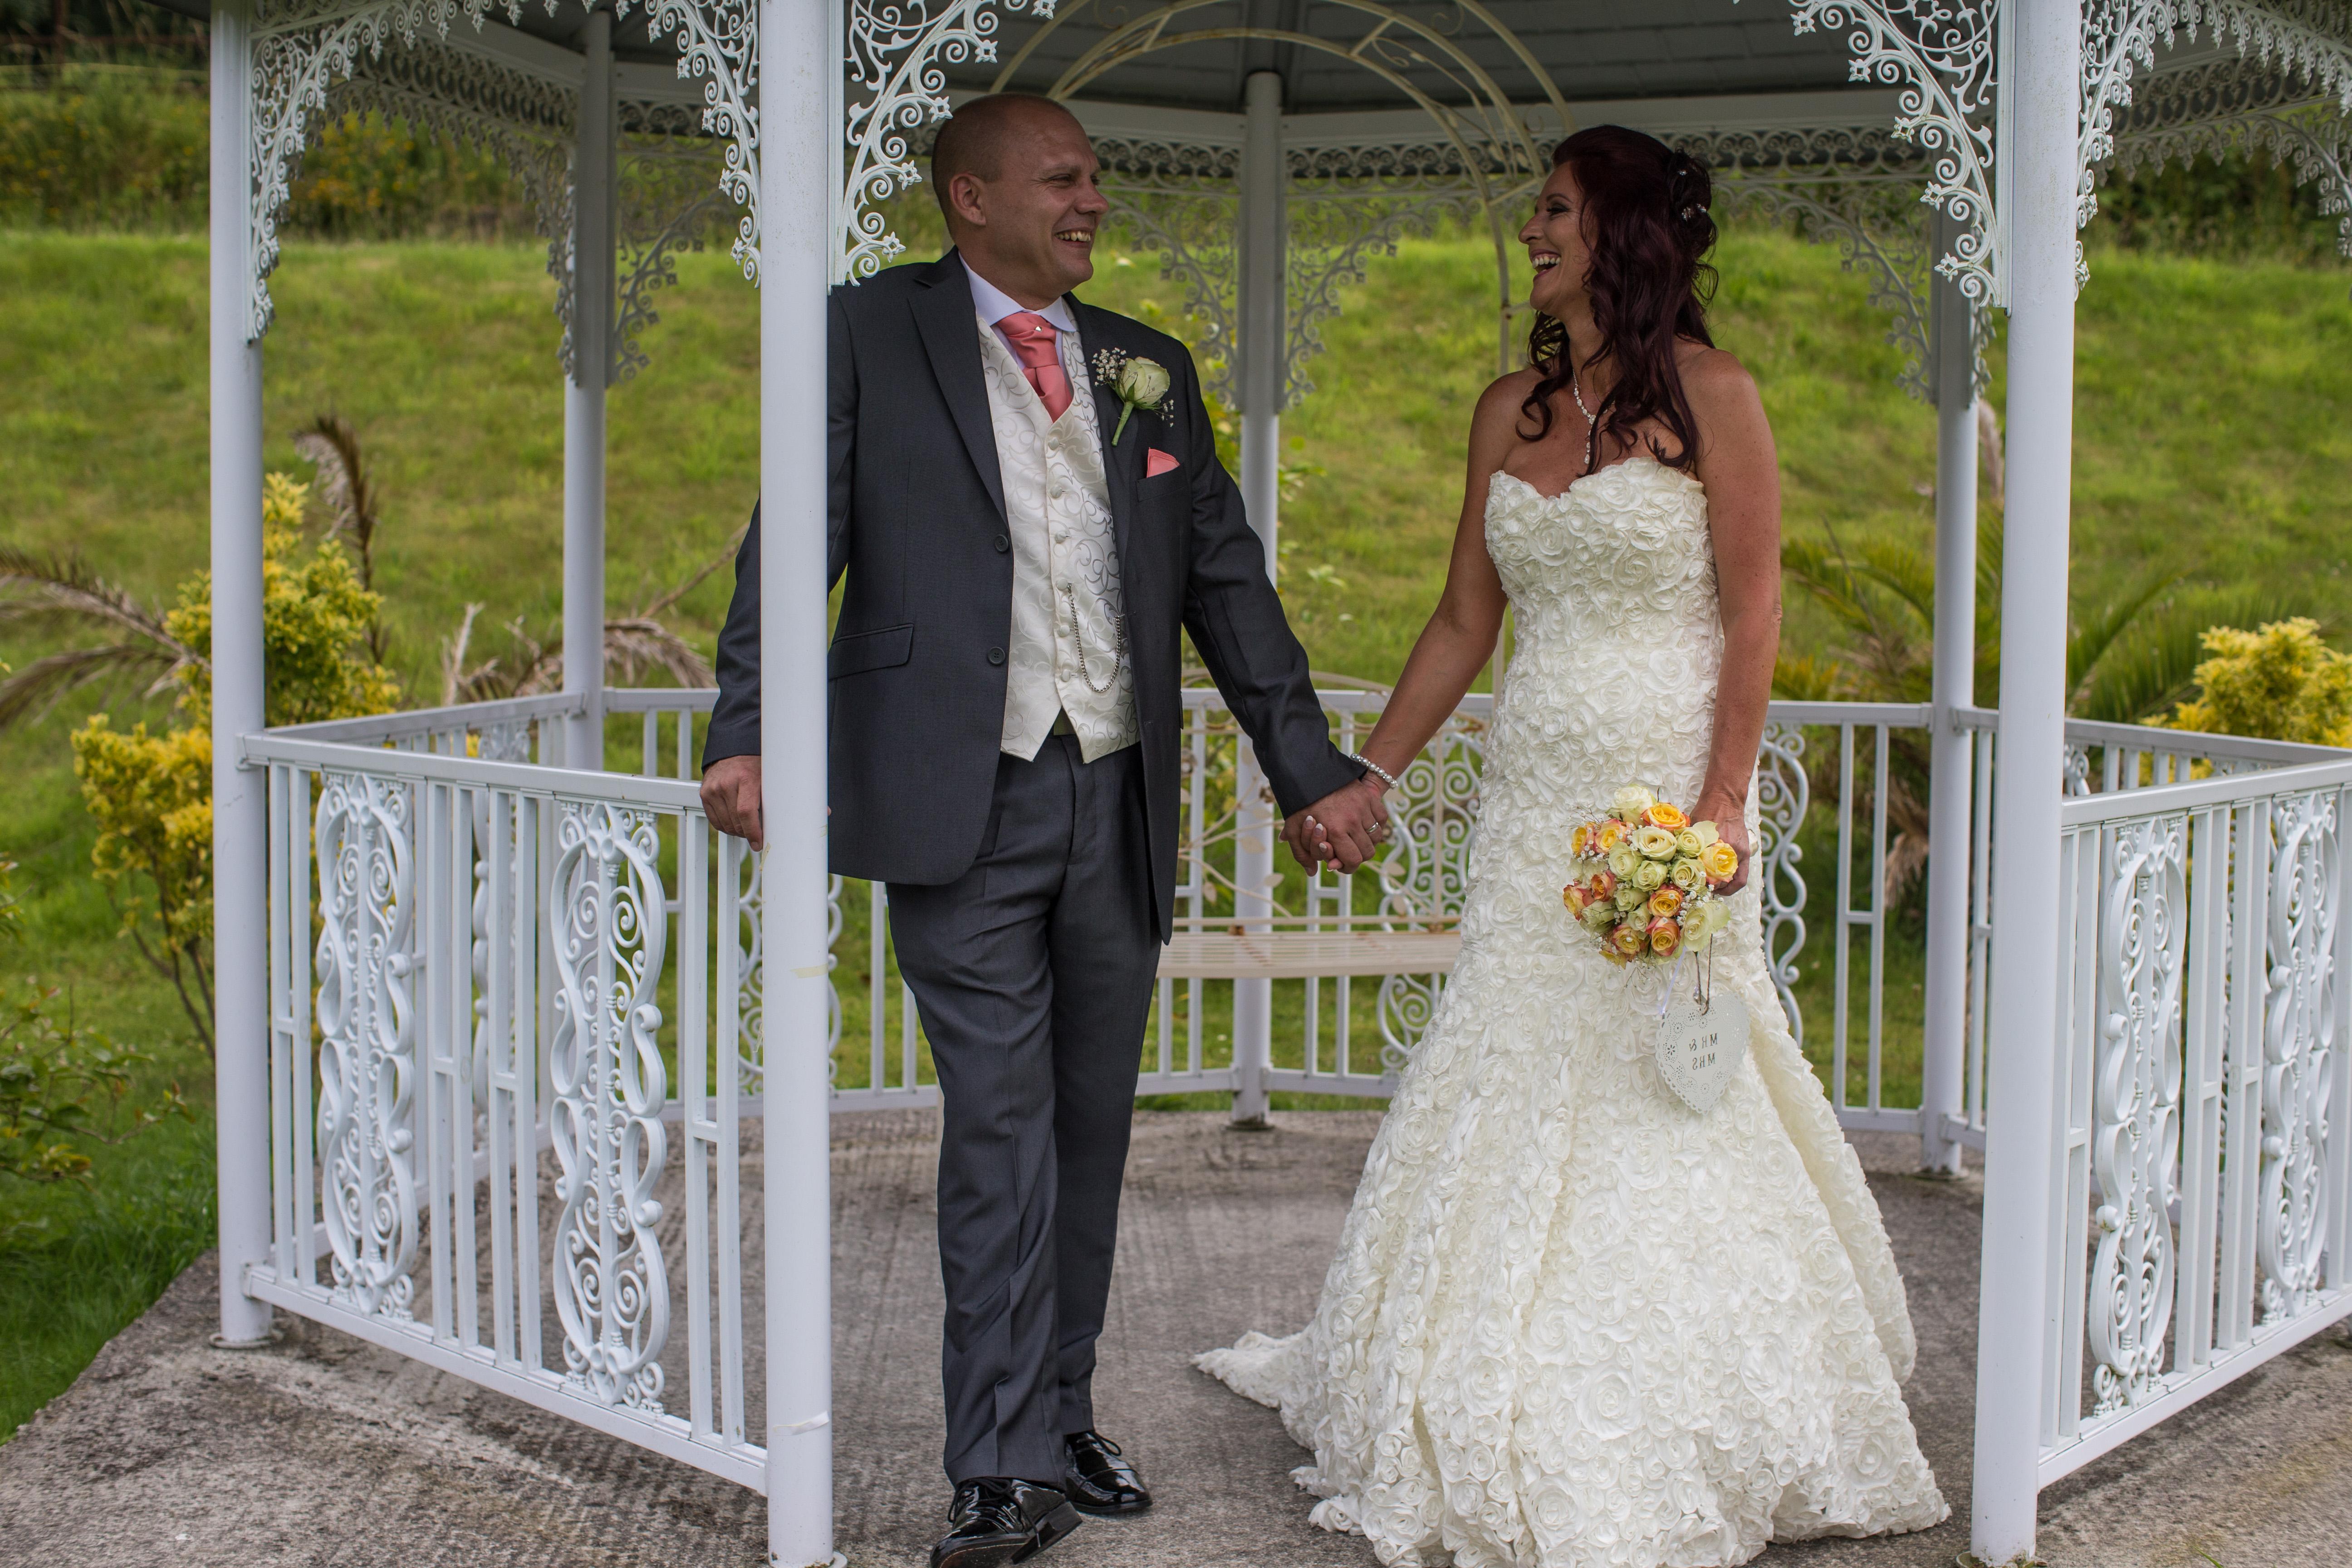 Scott & Lorraine's wedding